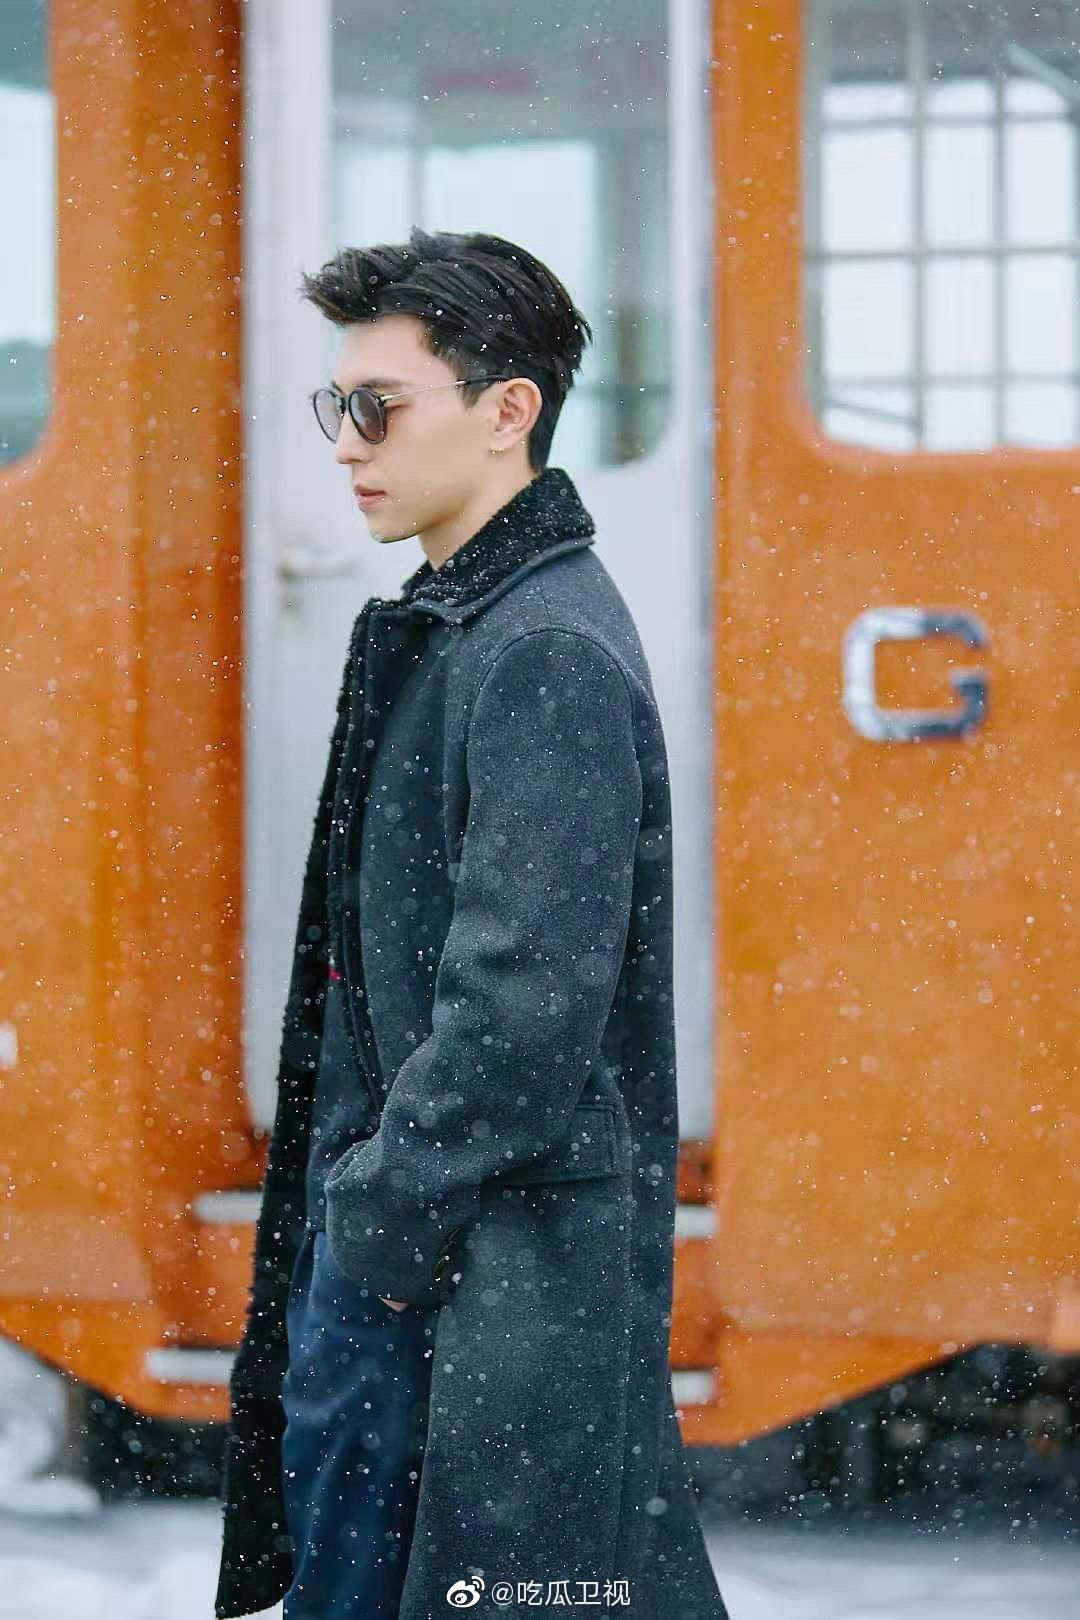 邓伦雪中大片,是今年第一位拍摄雪景的艺人吗